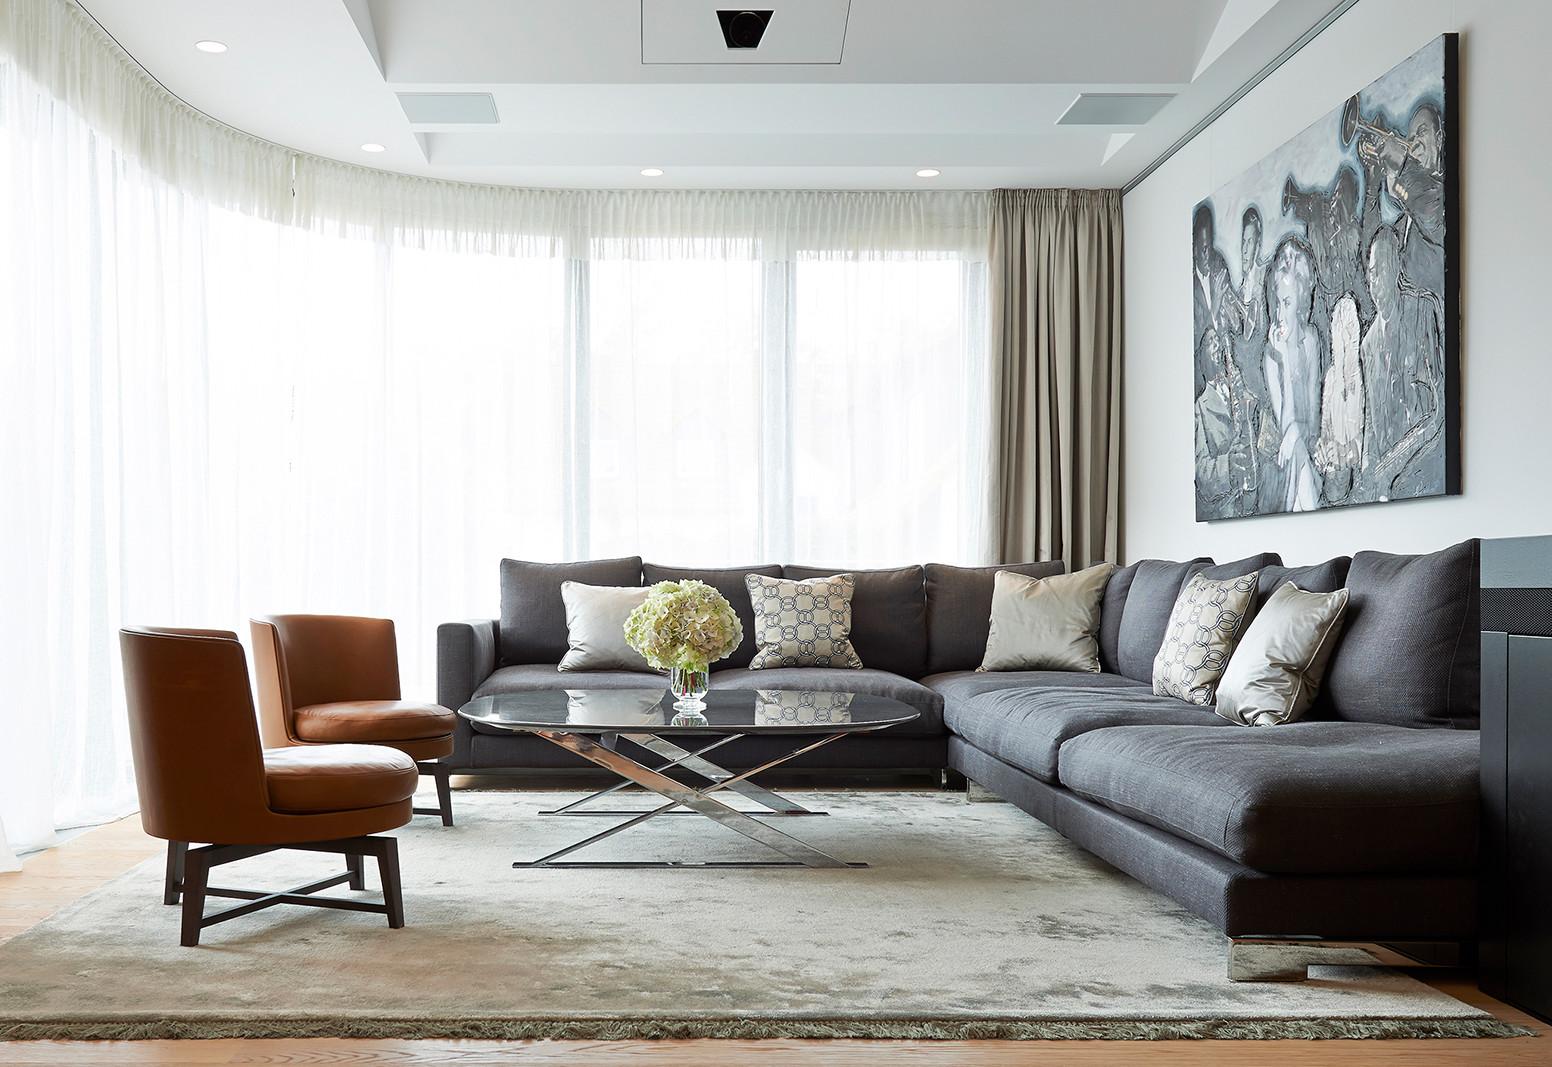 Hier sehen Sie ein Bild von Stefanie Raum Wohnzimmer Raumeindruck Raum Contemporary Interior